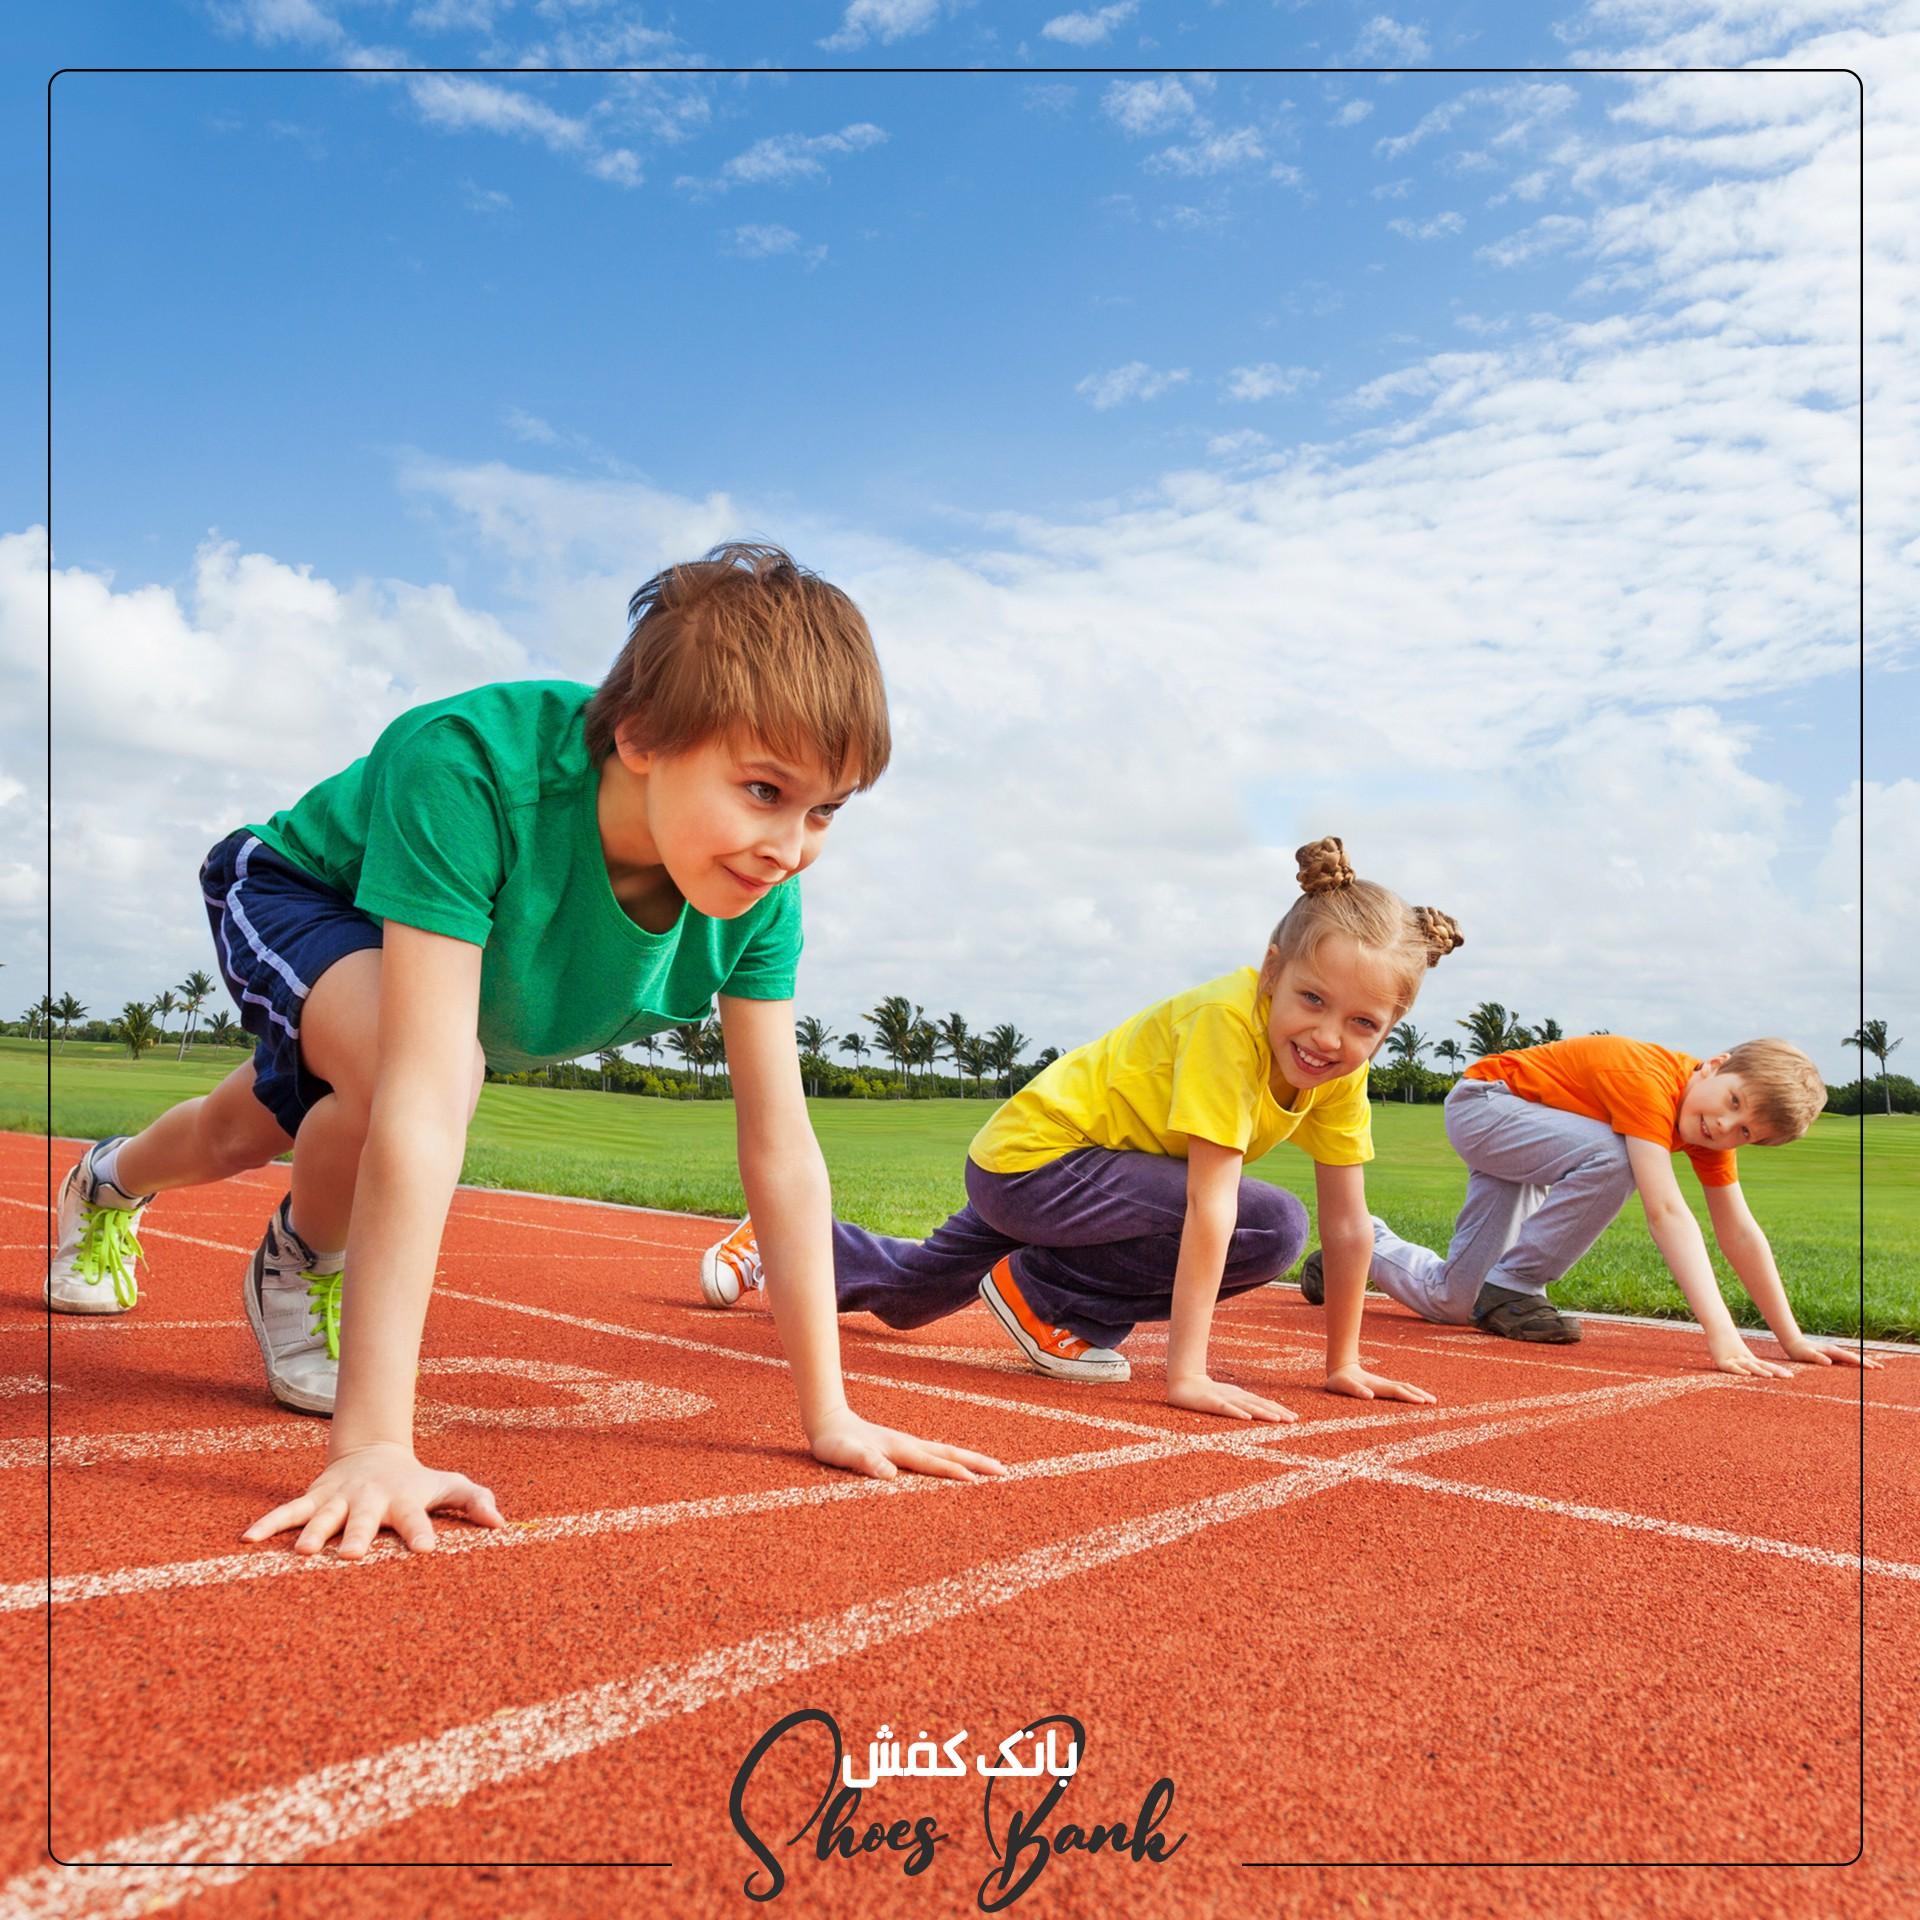 سندرم سیور در دوران قد کشیدن کودکان رخ می دهد